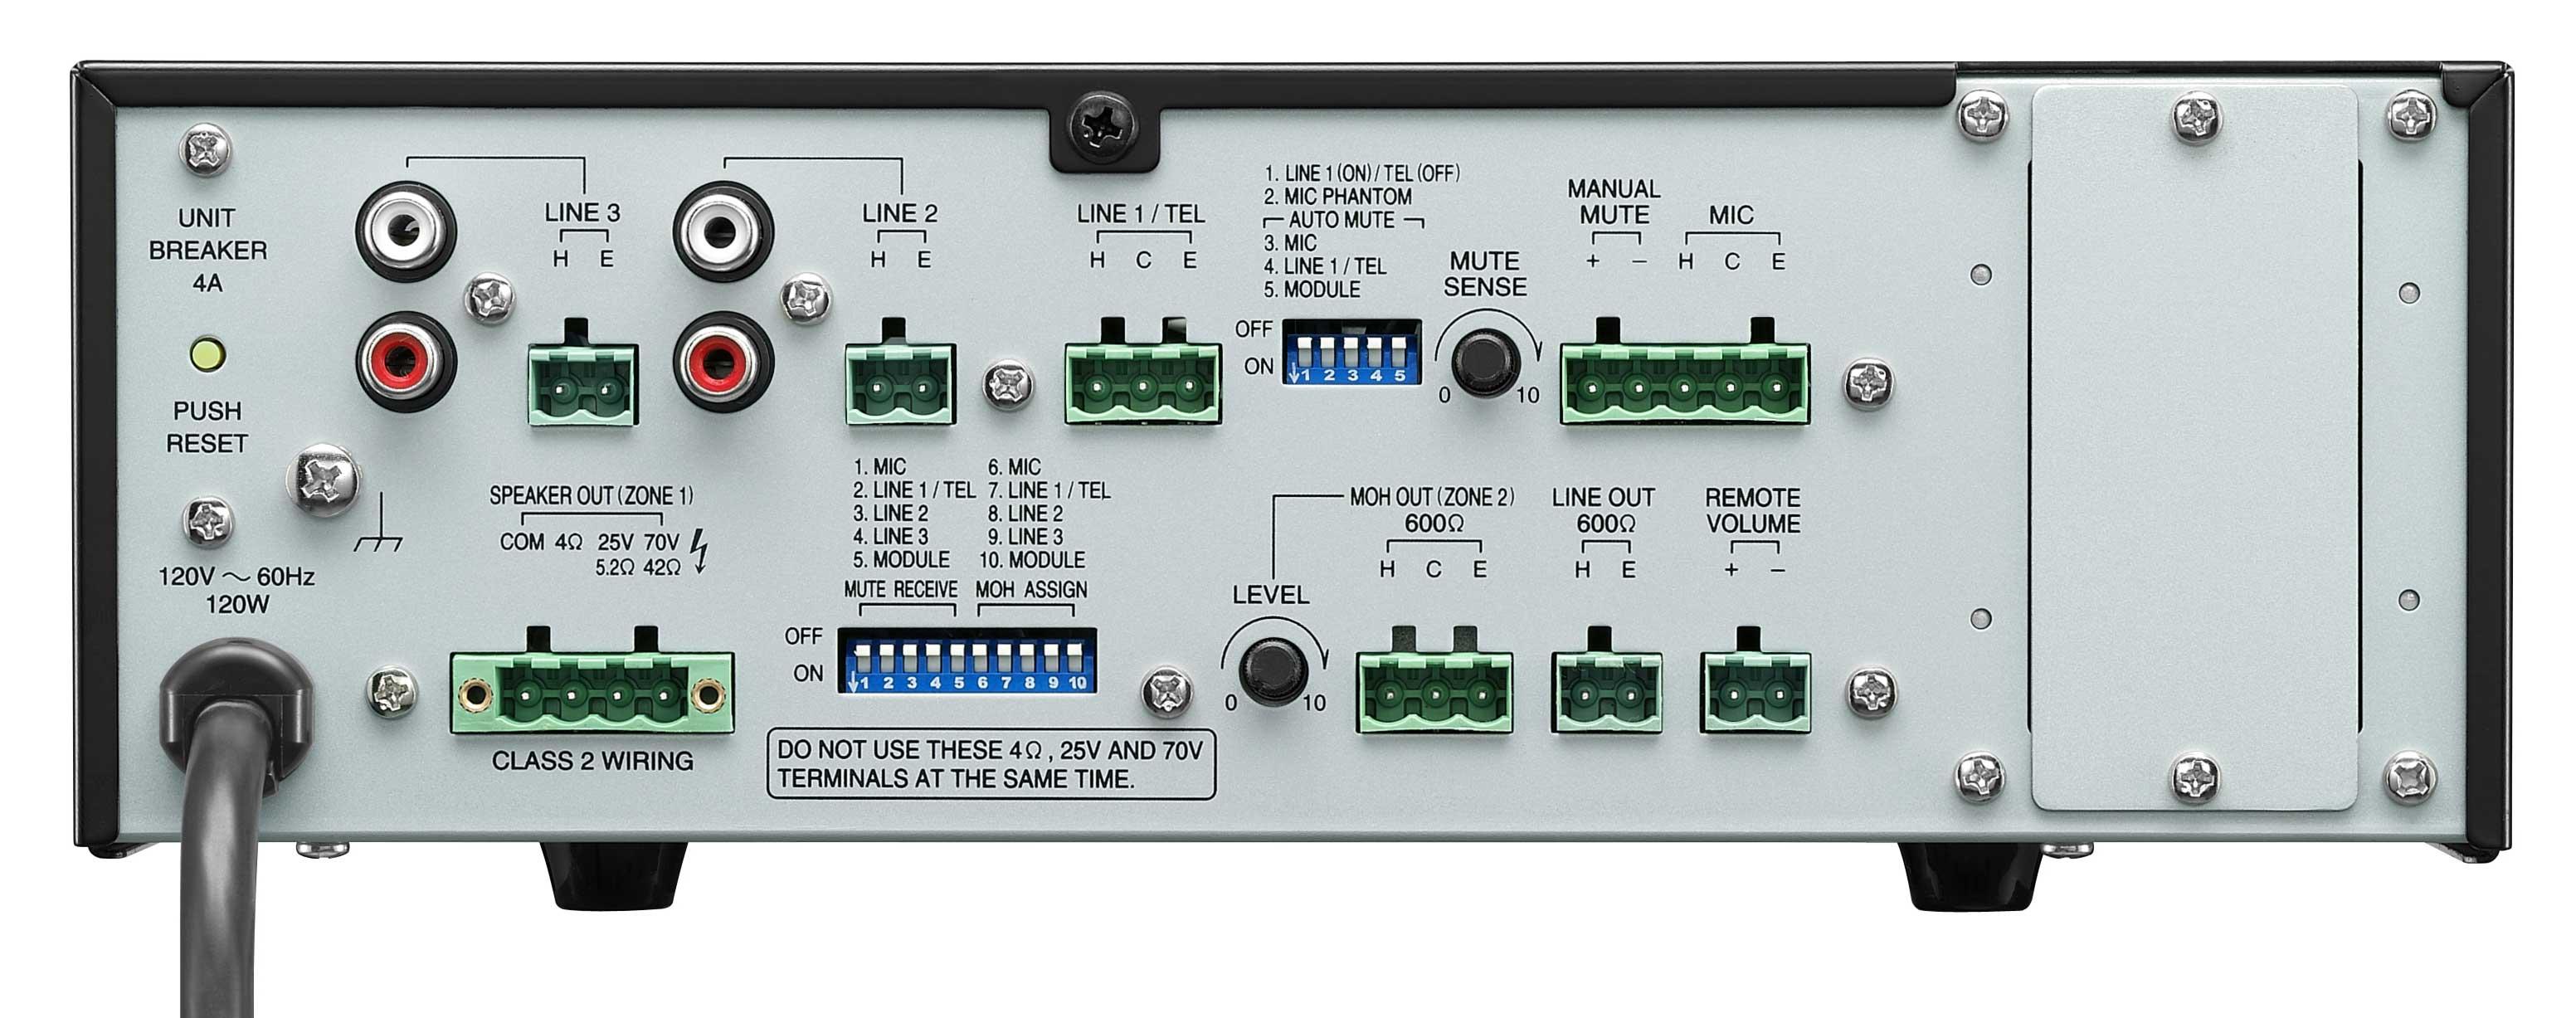 5 Input, 120W Mixer/Amplifier